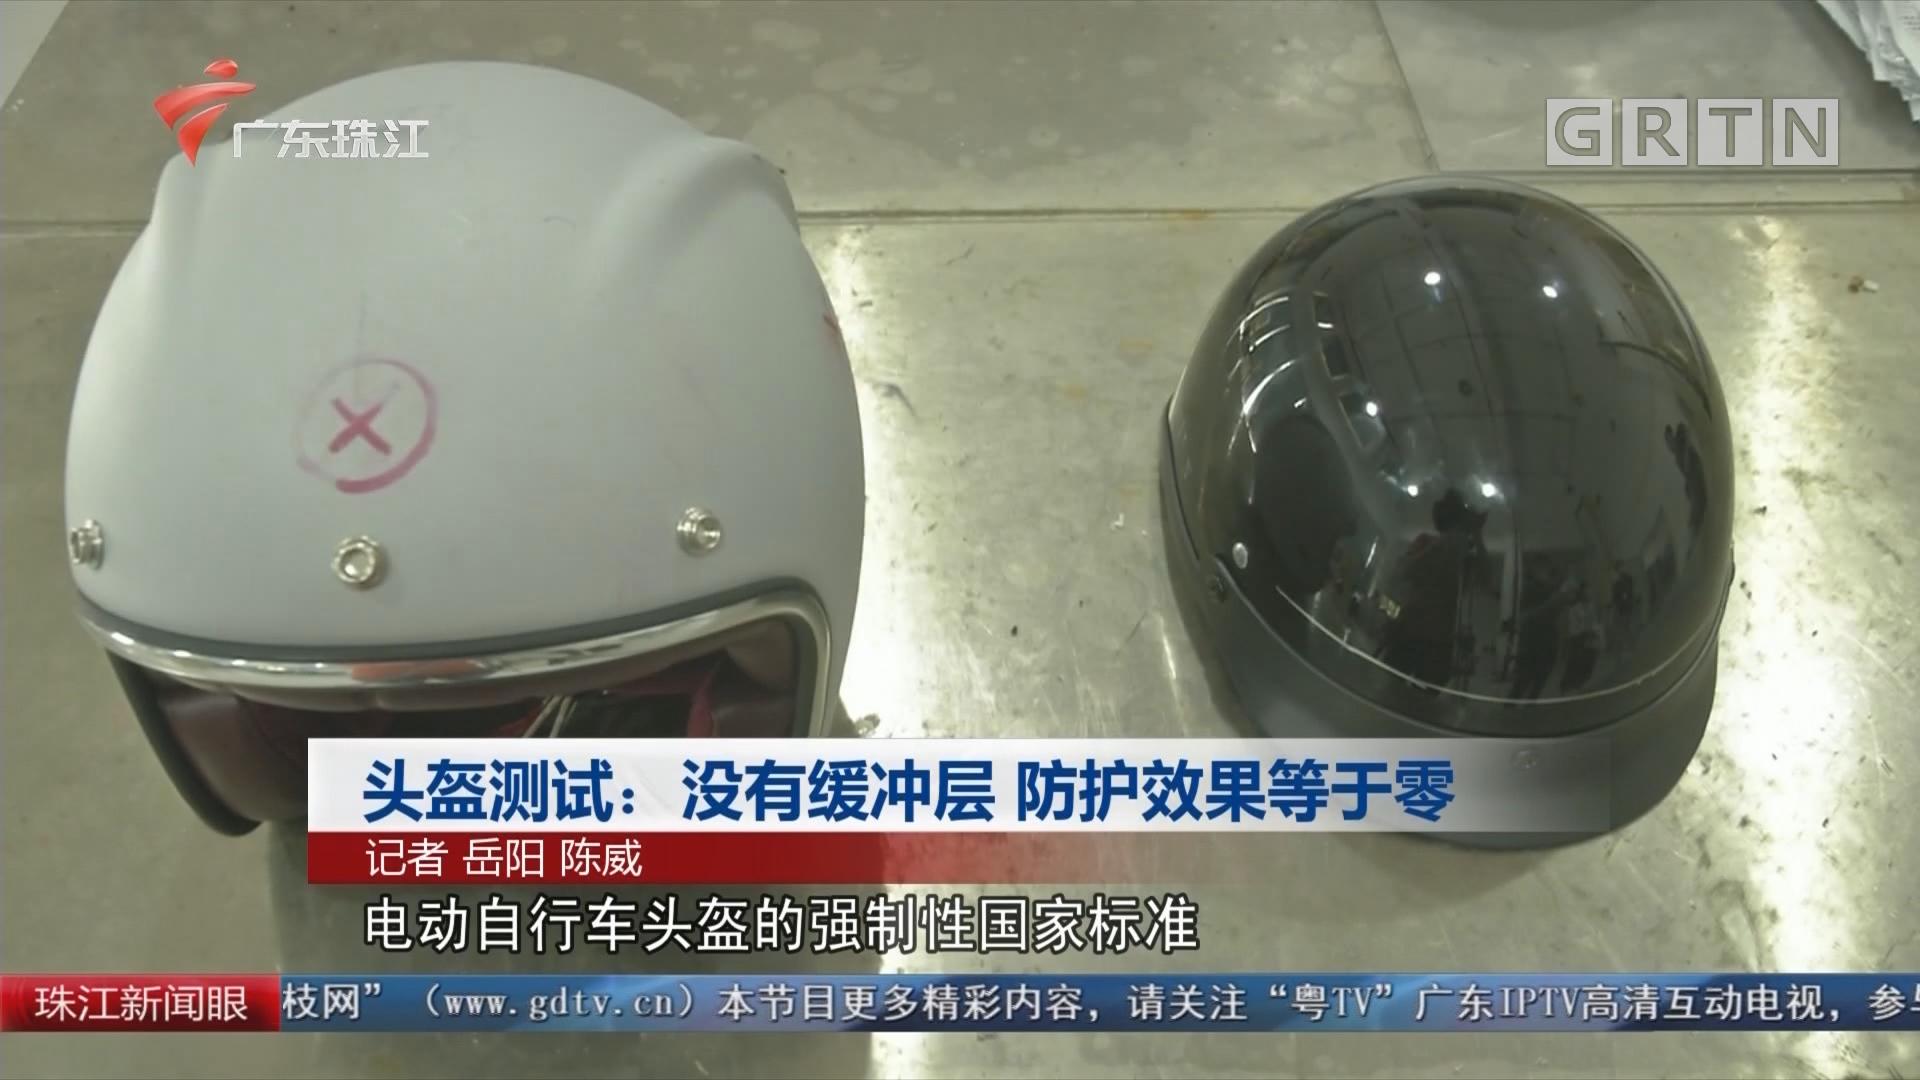 頭盔測試:沒有緩沖層 防護效果等于零